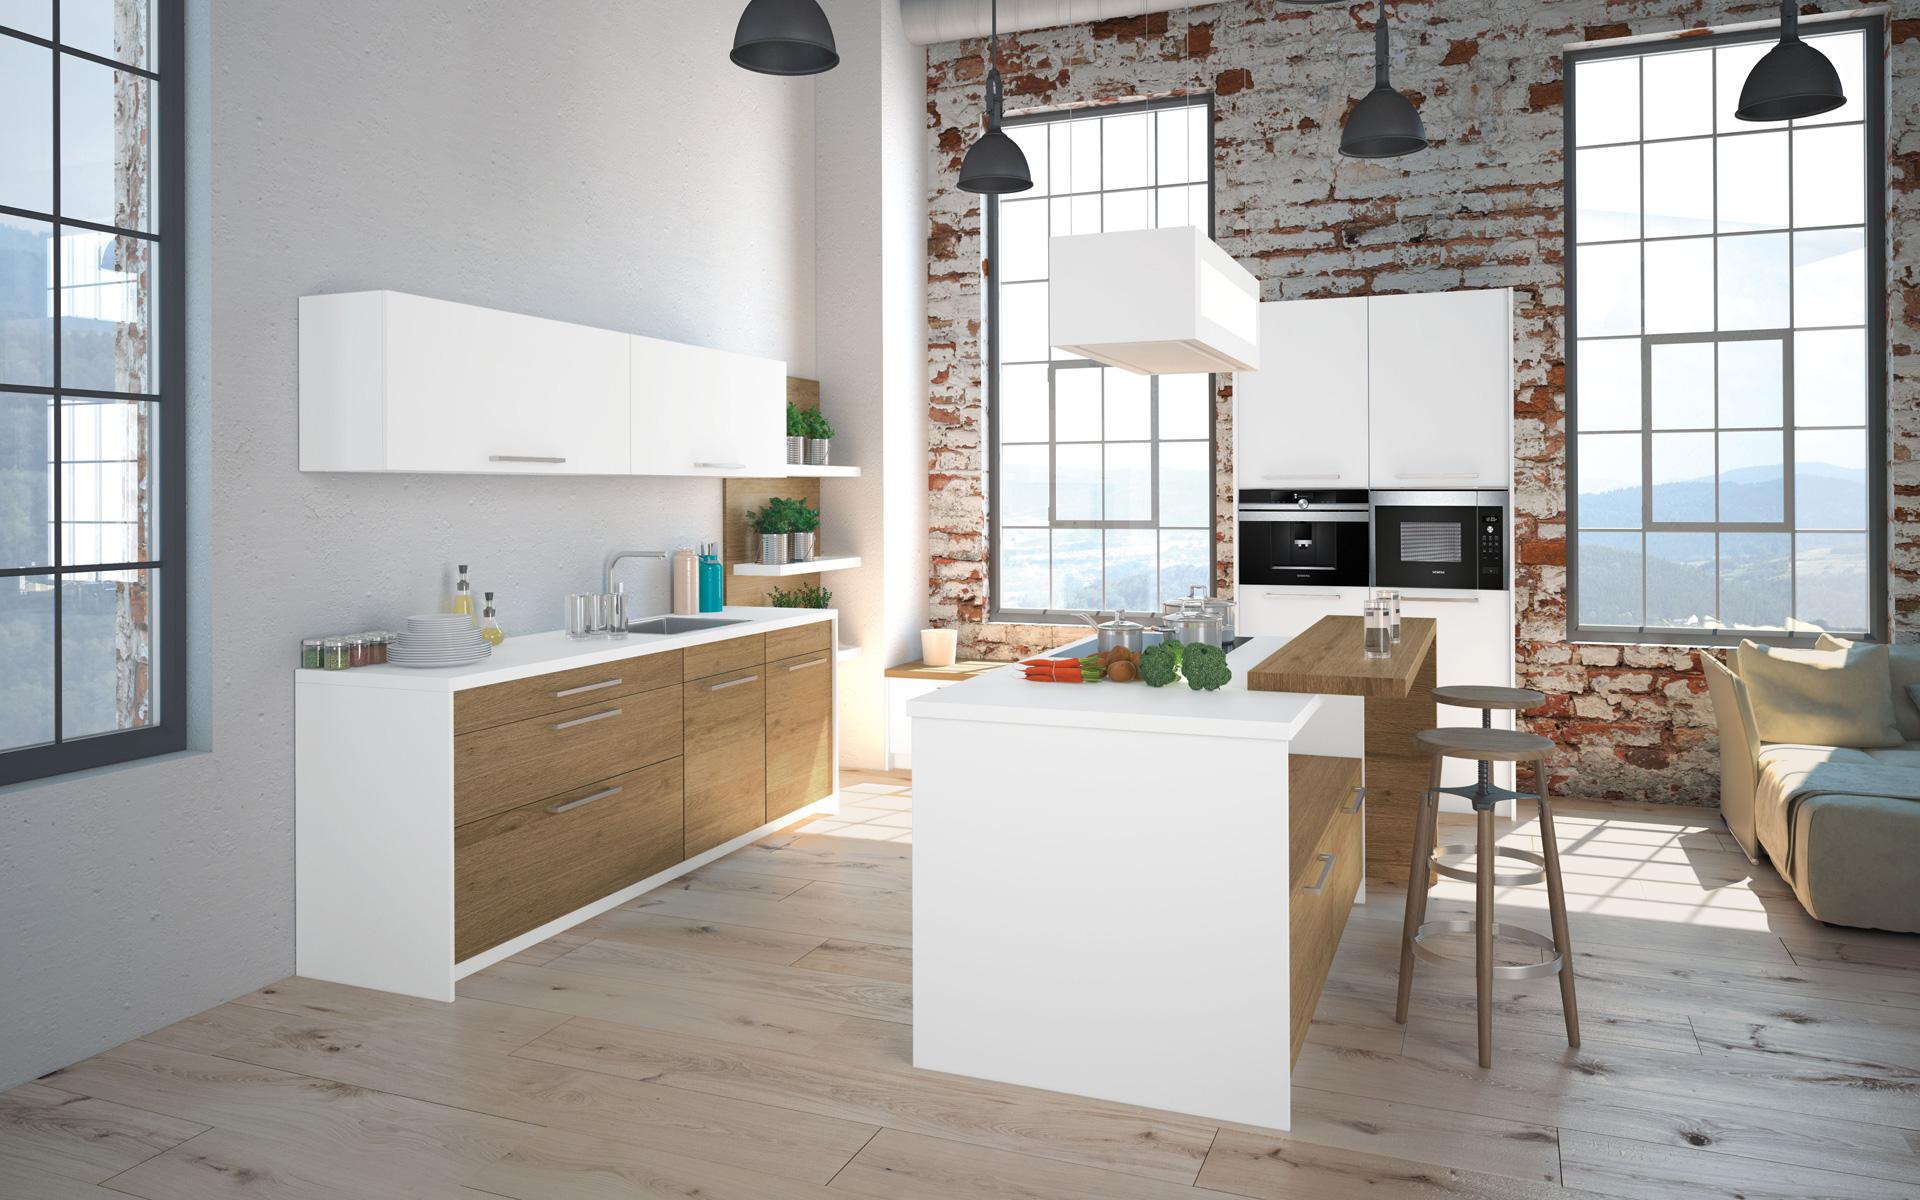 Wohndesign  Küchen, Boxspring-Betten, Wohnraummöbel u.v.m - Wohndesign Freising